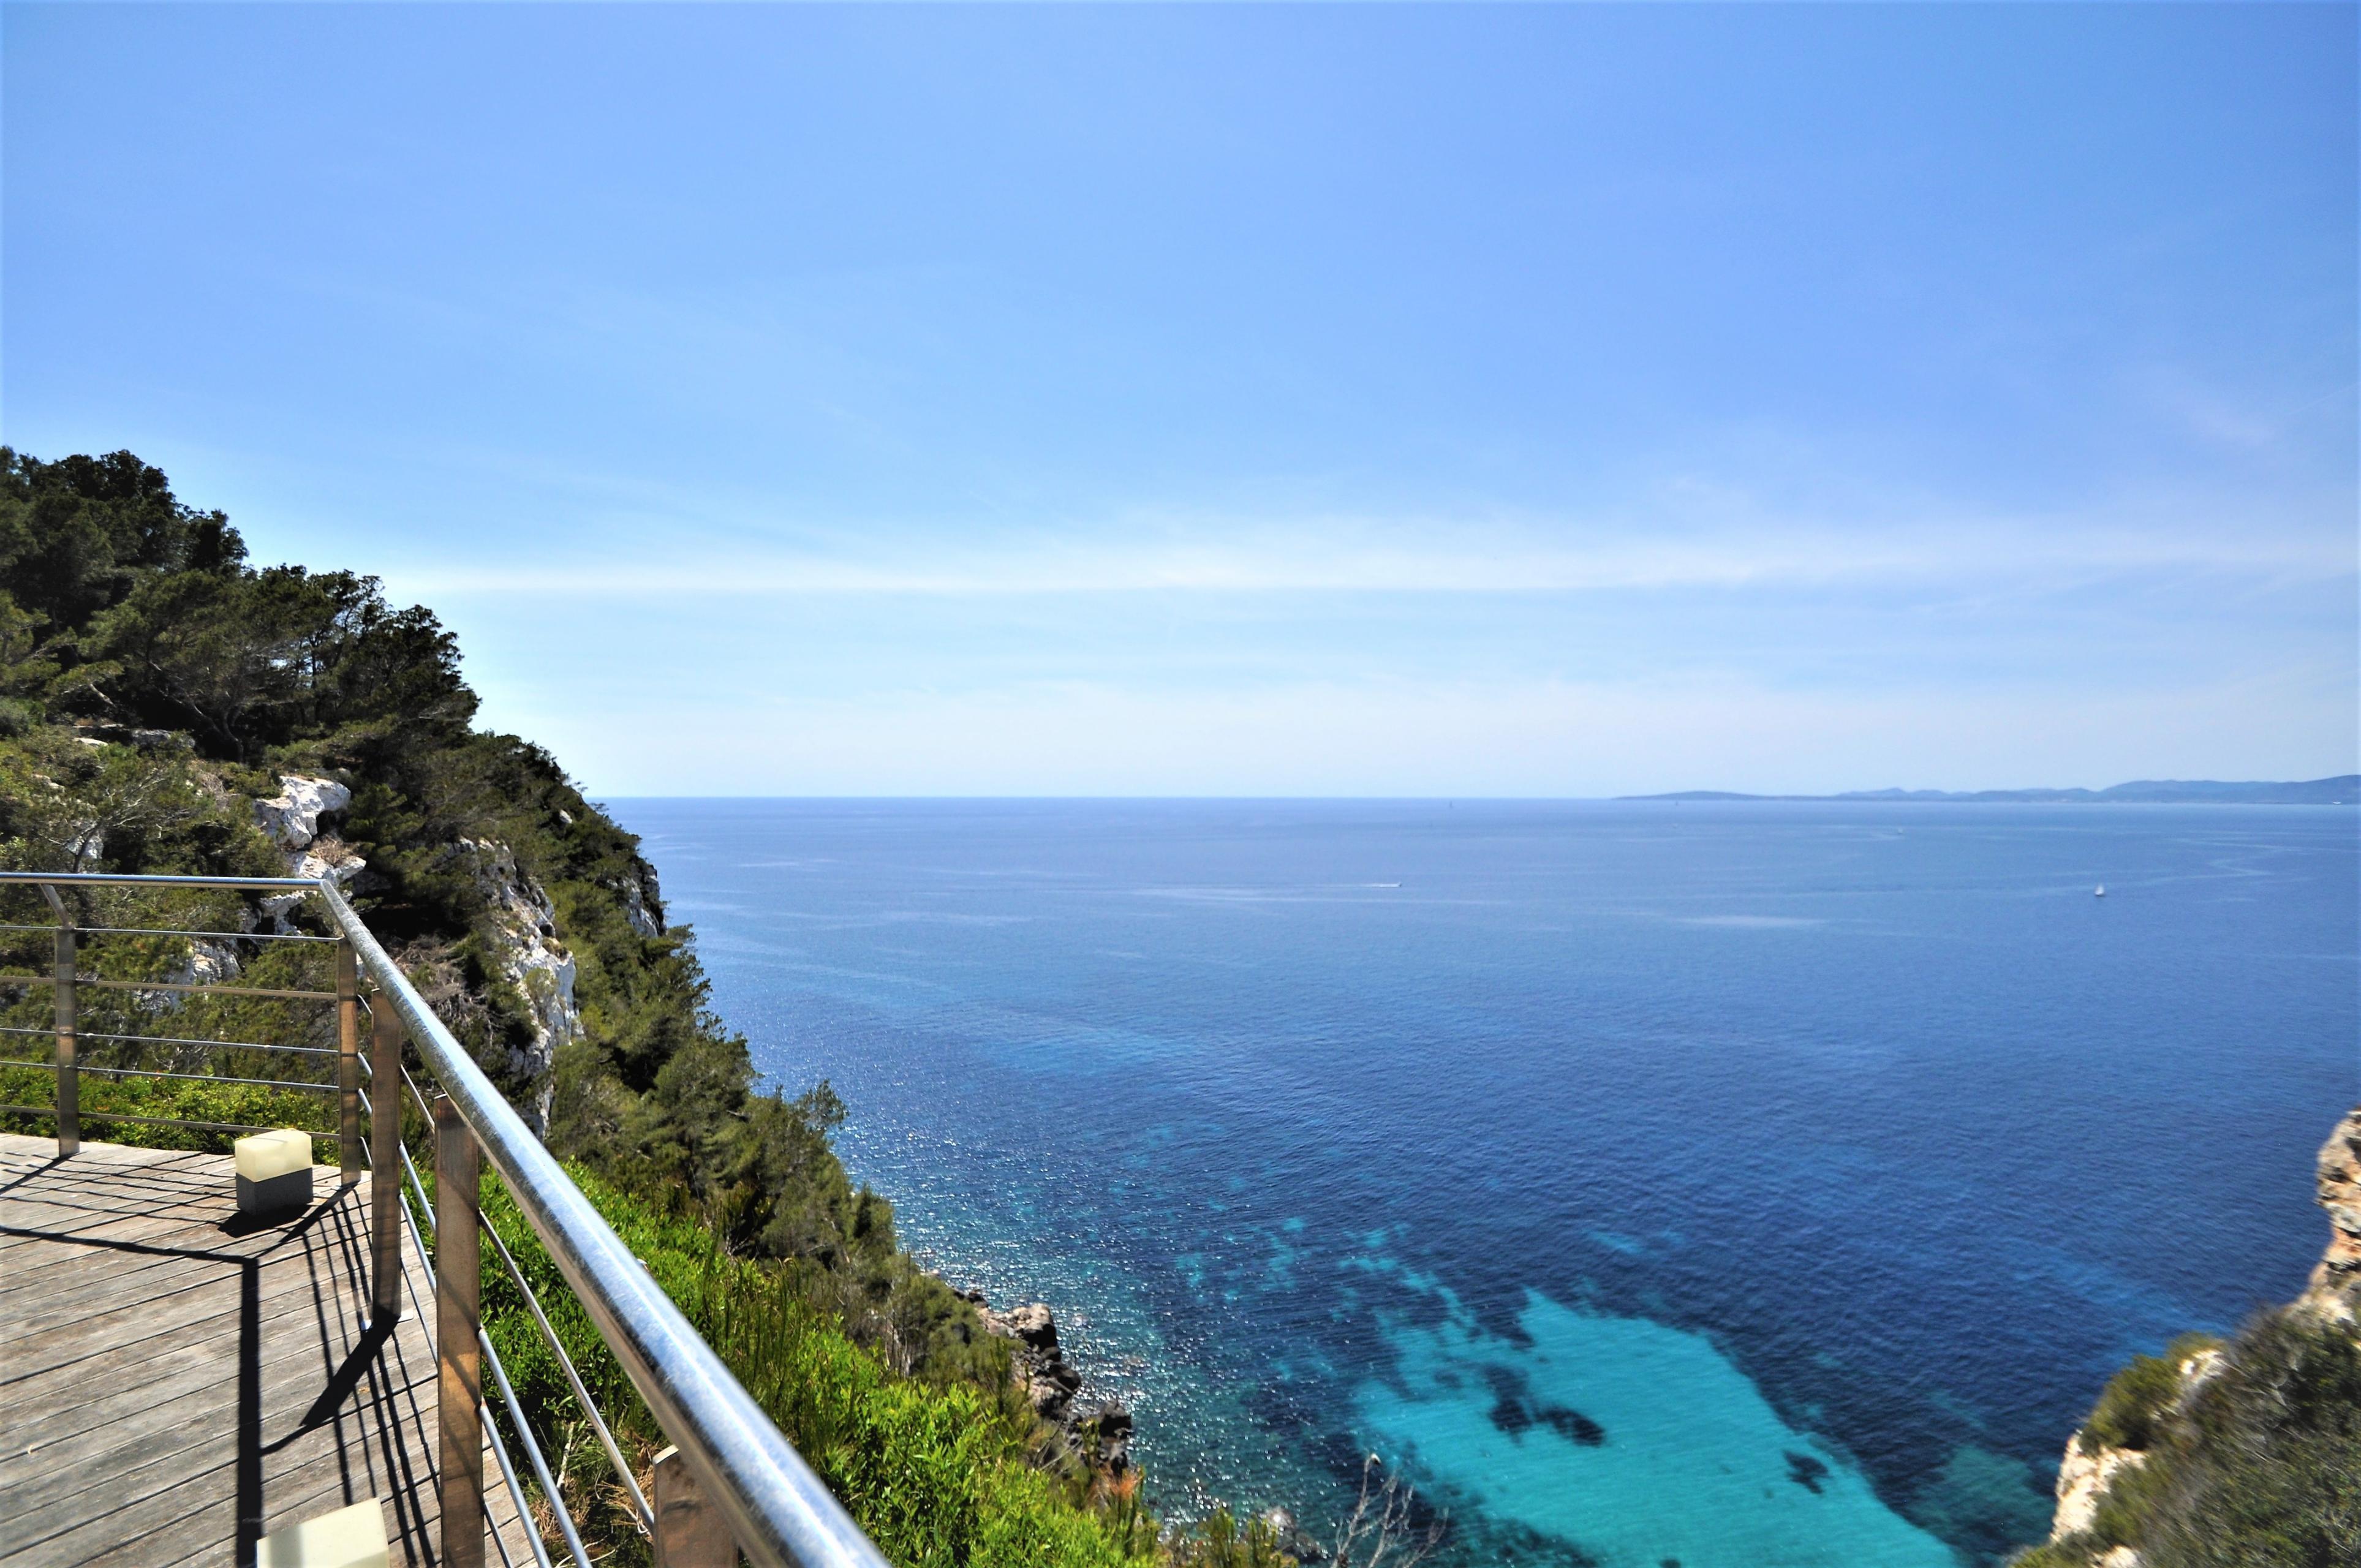 Maison de vacances VILLA BAY BLUE- Bahia Azul- Mallorca - VILLAONLINE - Kostenloses WLAN (2684052), Bahia Azul, Majorque, Iles Baléares, Espagne, image 8